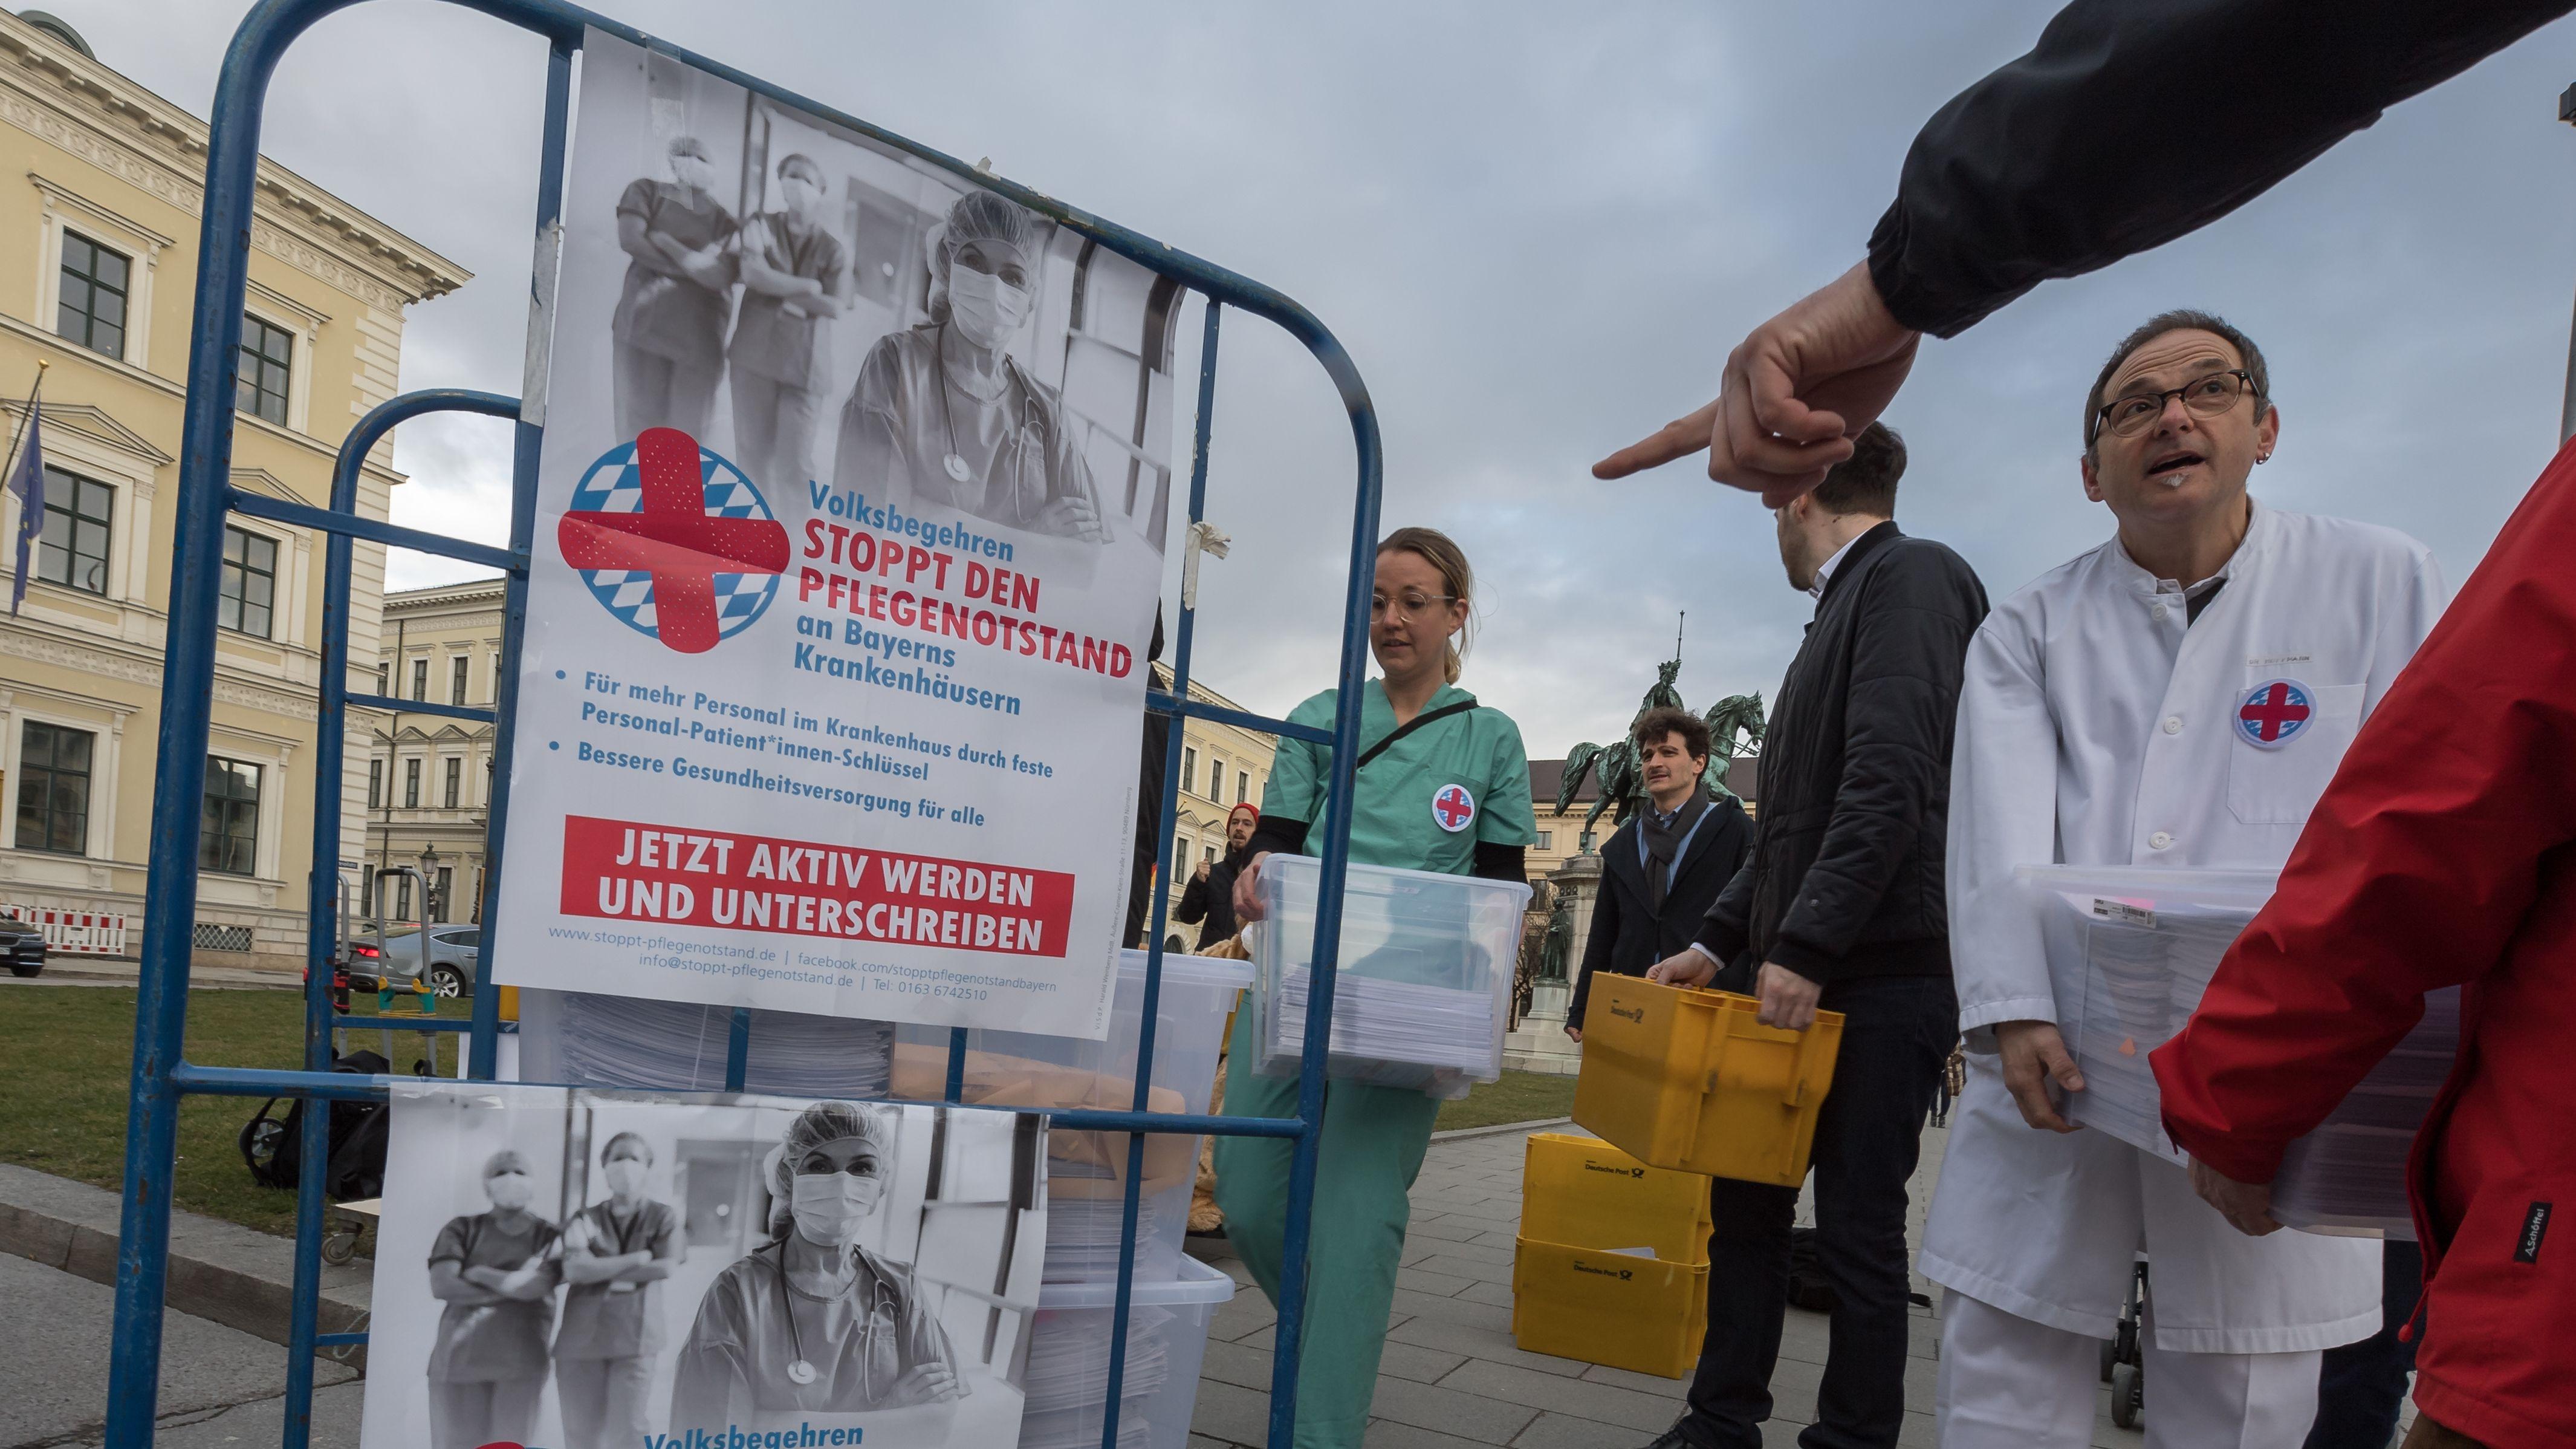 """Organisatoren des Volksbegehrens """"Stoppt den Pflegenotstand"""" überreichen im März 2019 vor dem Innenministerium die Unterschriftenlisten"""